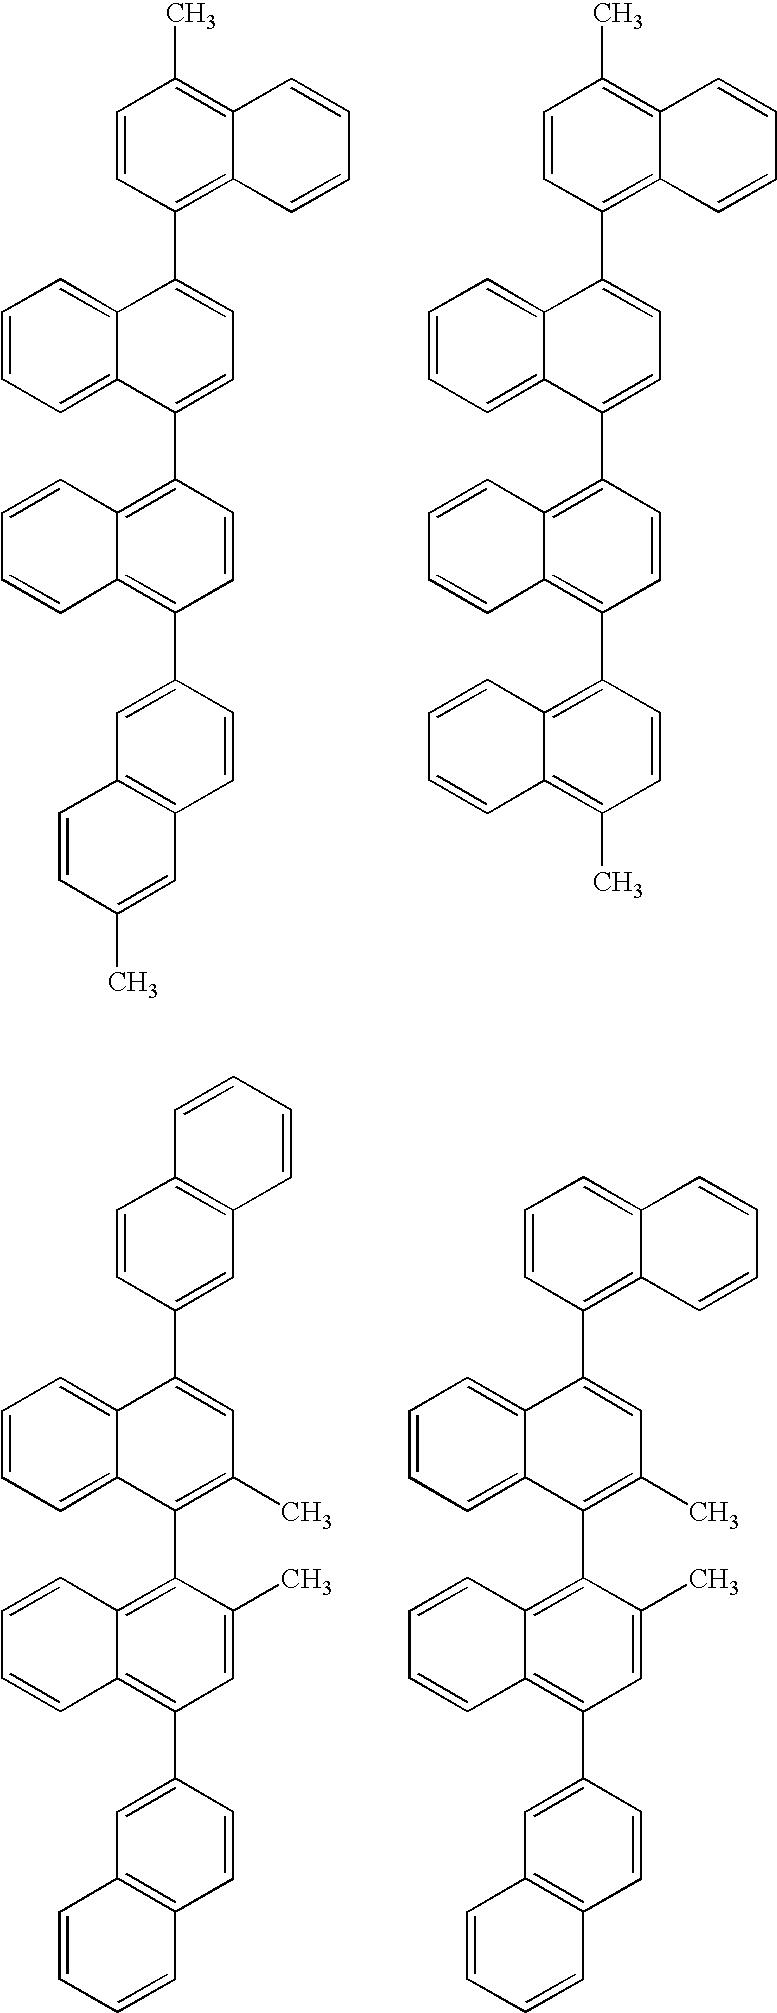 Figure US20100171109A1-20100708-C00084